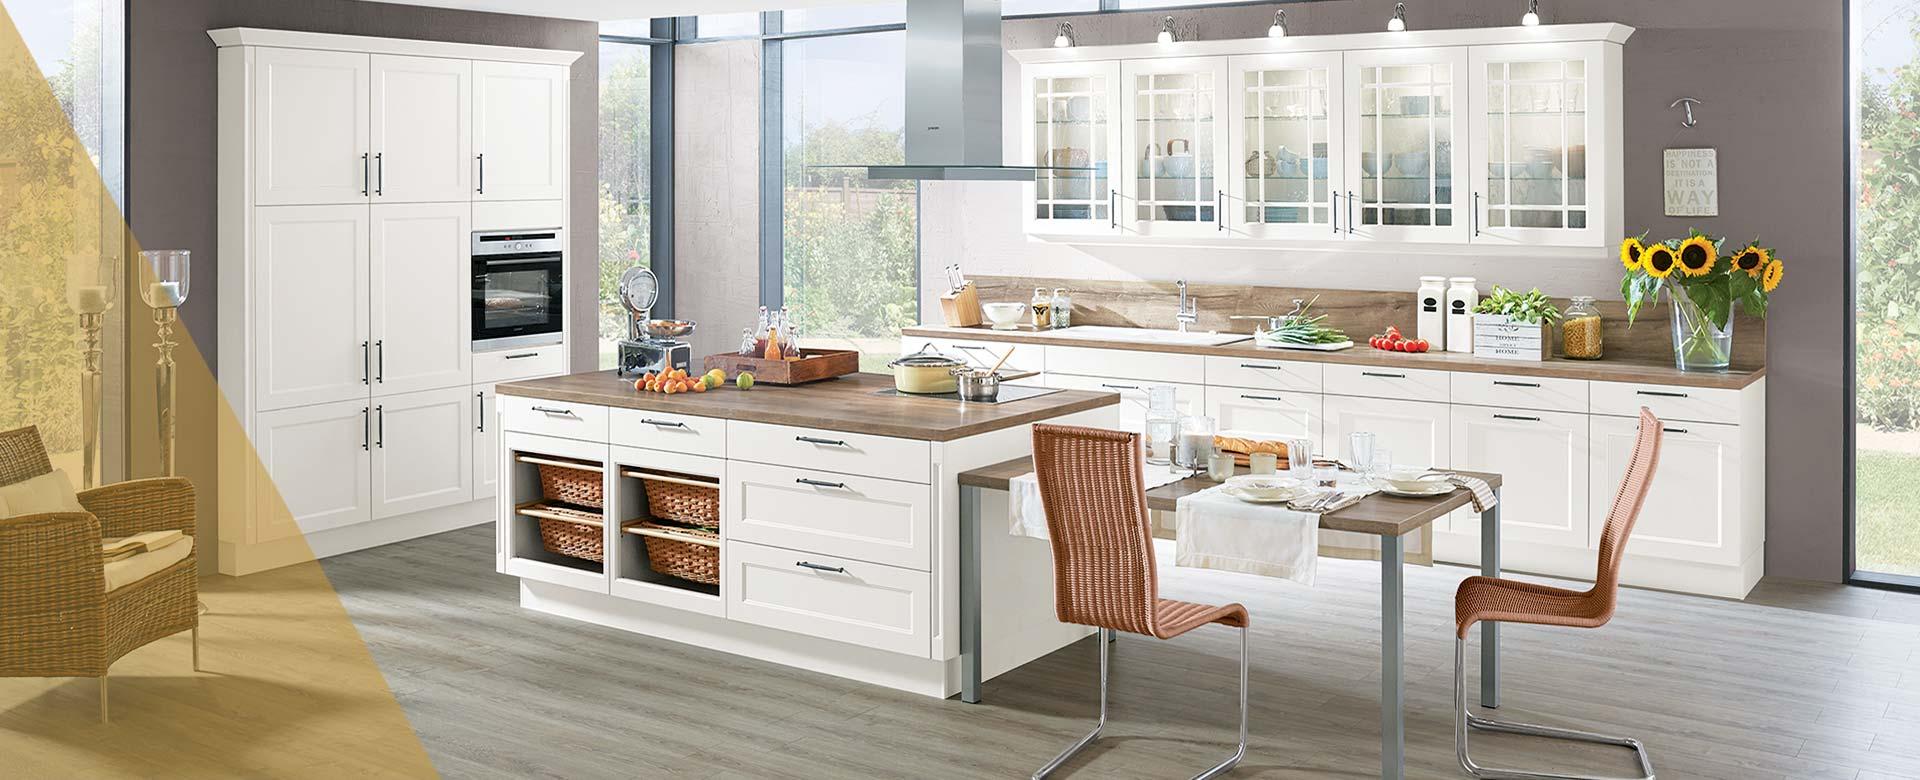 Full Size of Küche Selber Planen Und Bauen Küche Selber Planen Ikea Küche Selber Planen Programm Günstige Küche Selber Planen Küche Küche Selber Planen